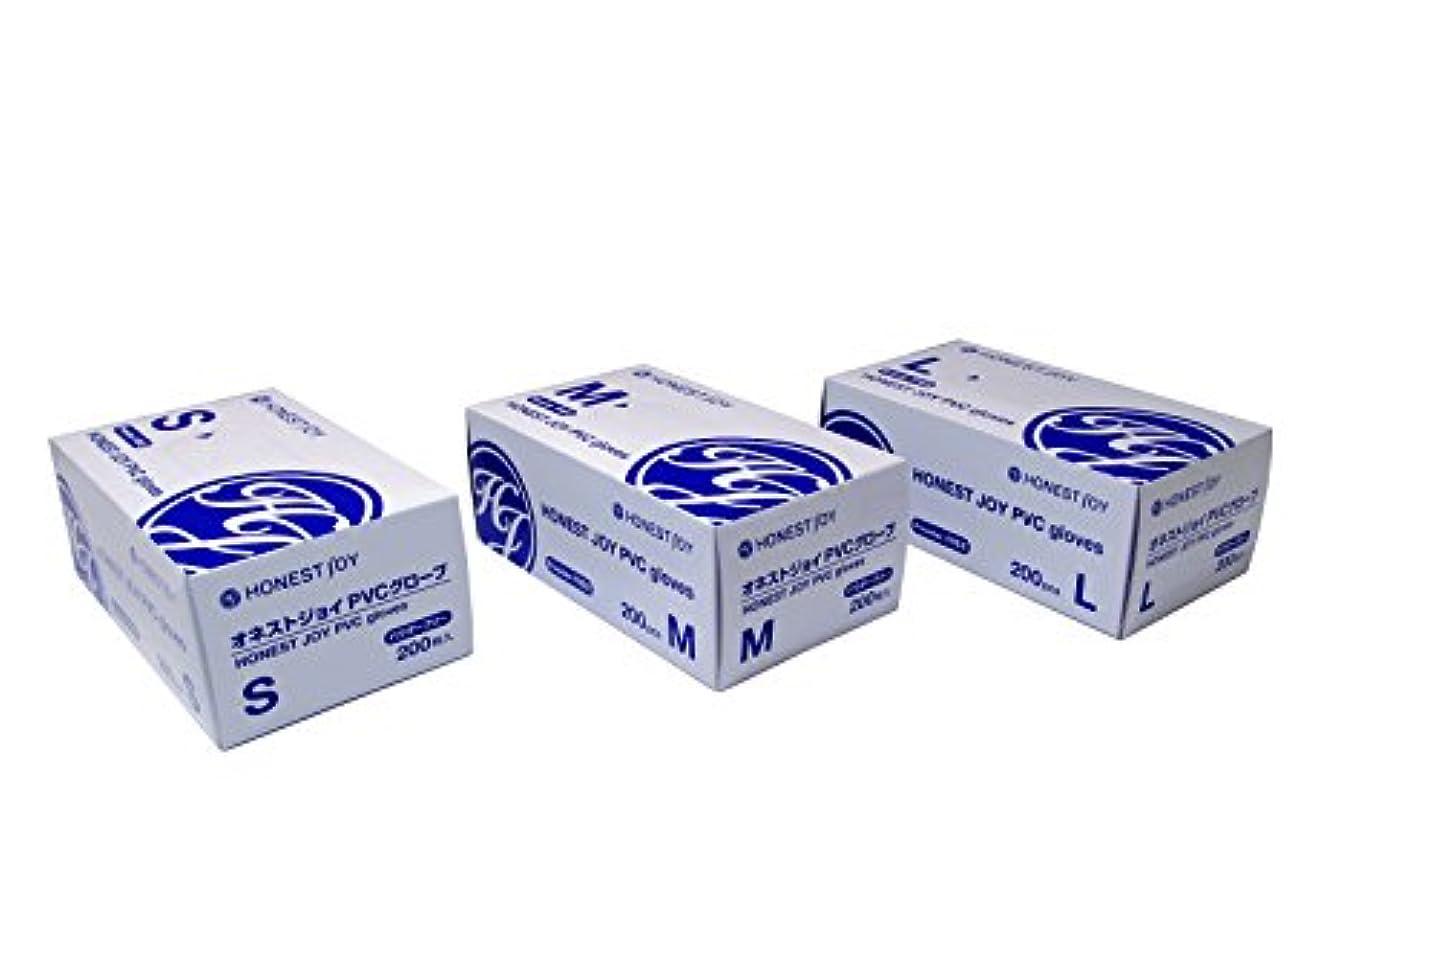 ピカリングボーナス最初はオネストジョイ PVC グローブ パウダーフリー Mサイズ 1箱200枚入り